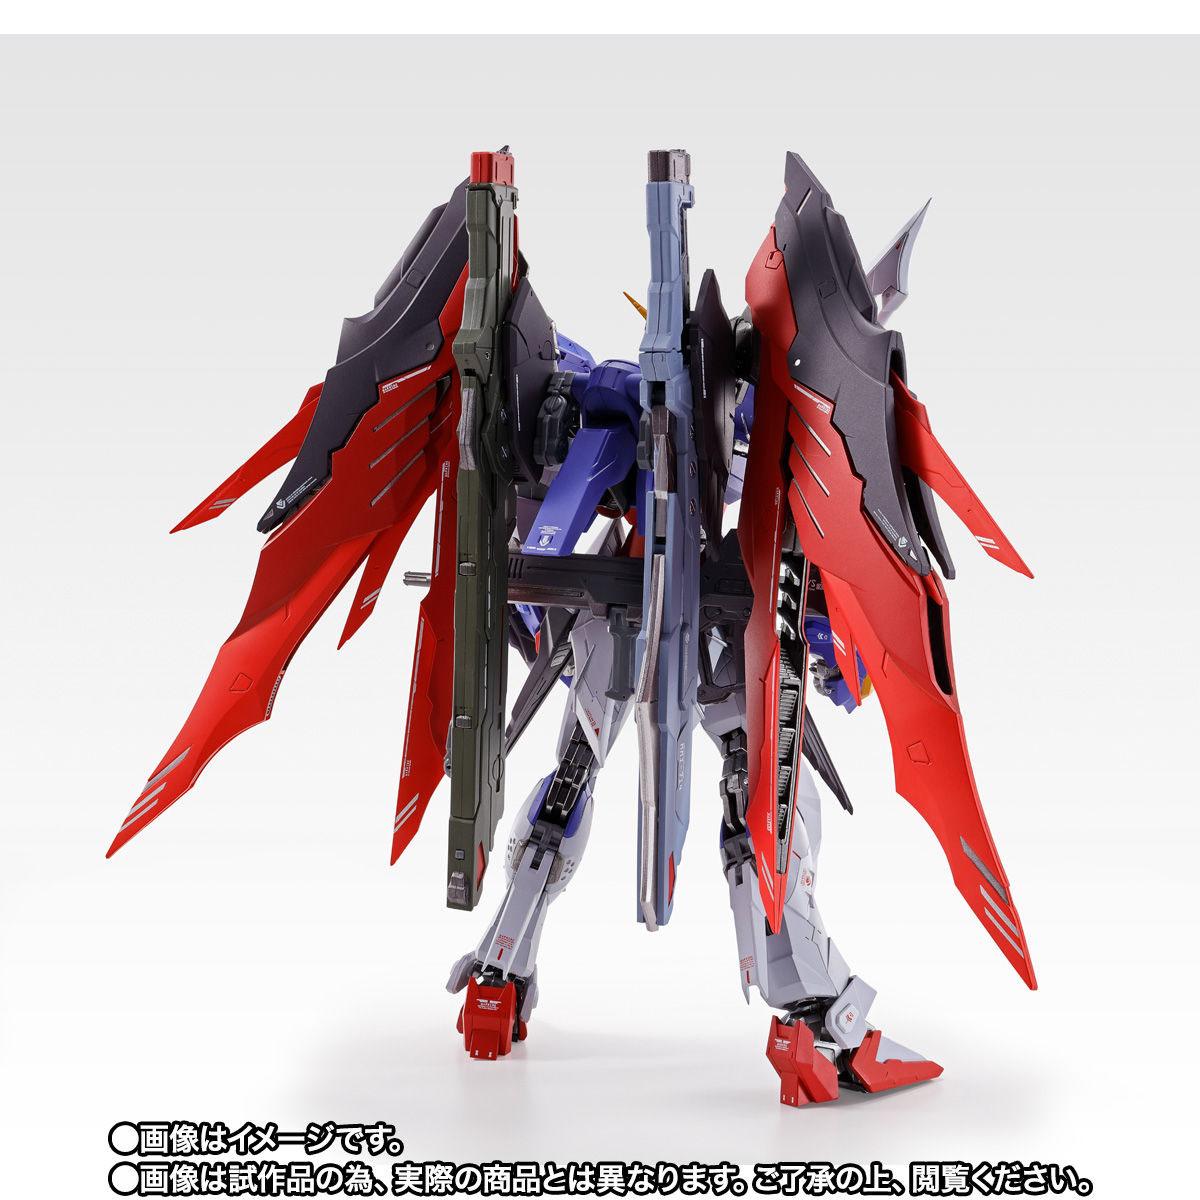 【限定販売】METAL BUILD『デスティニーガンダム SOUL RED Ver.』機動戦士ガンダムSEED DESTINY 可動フィギュア-006